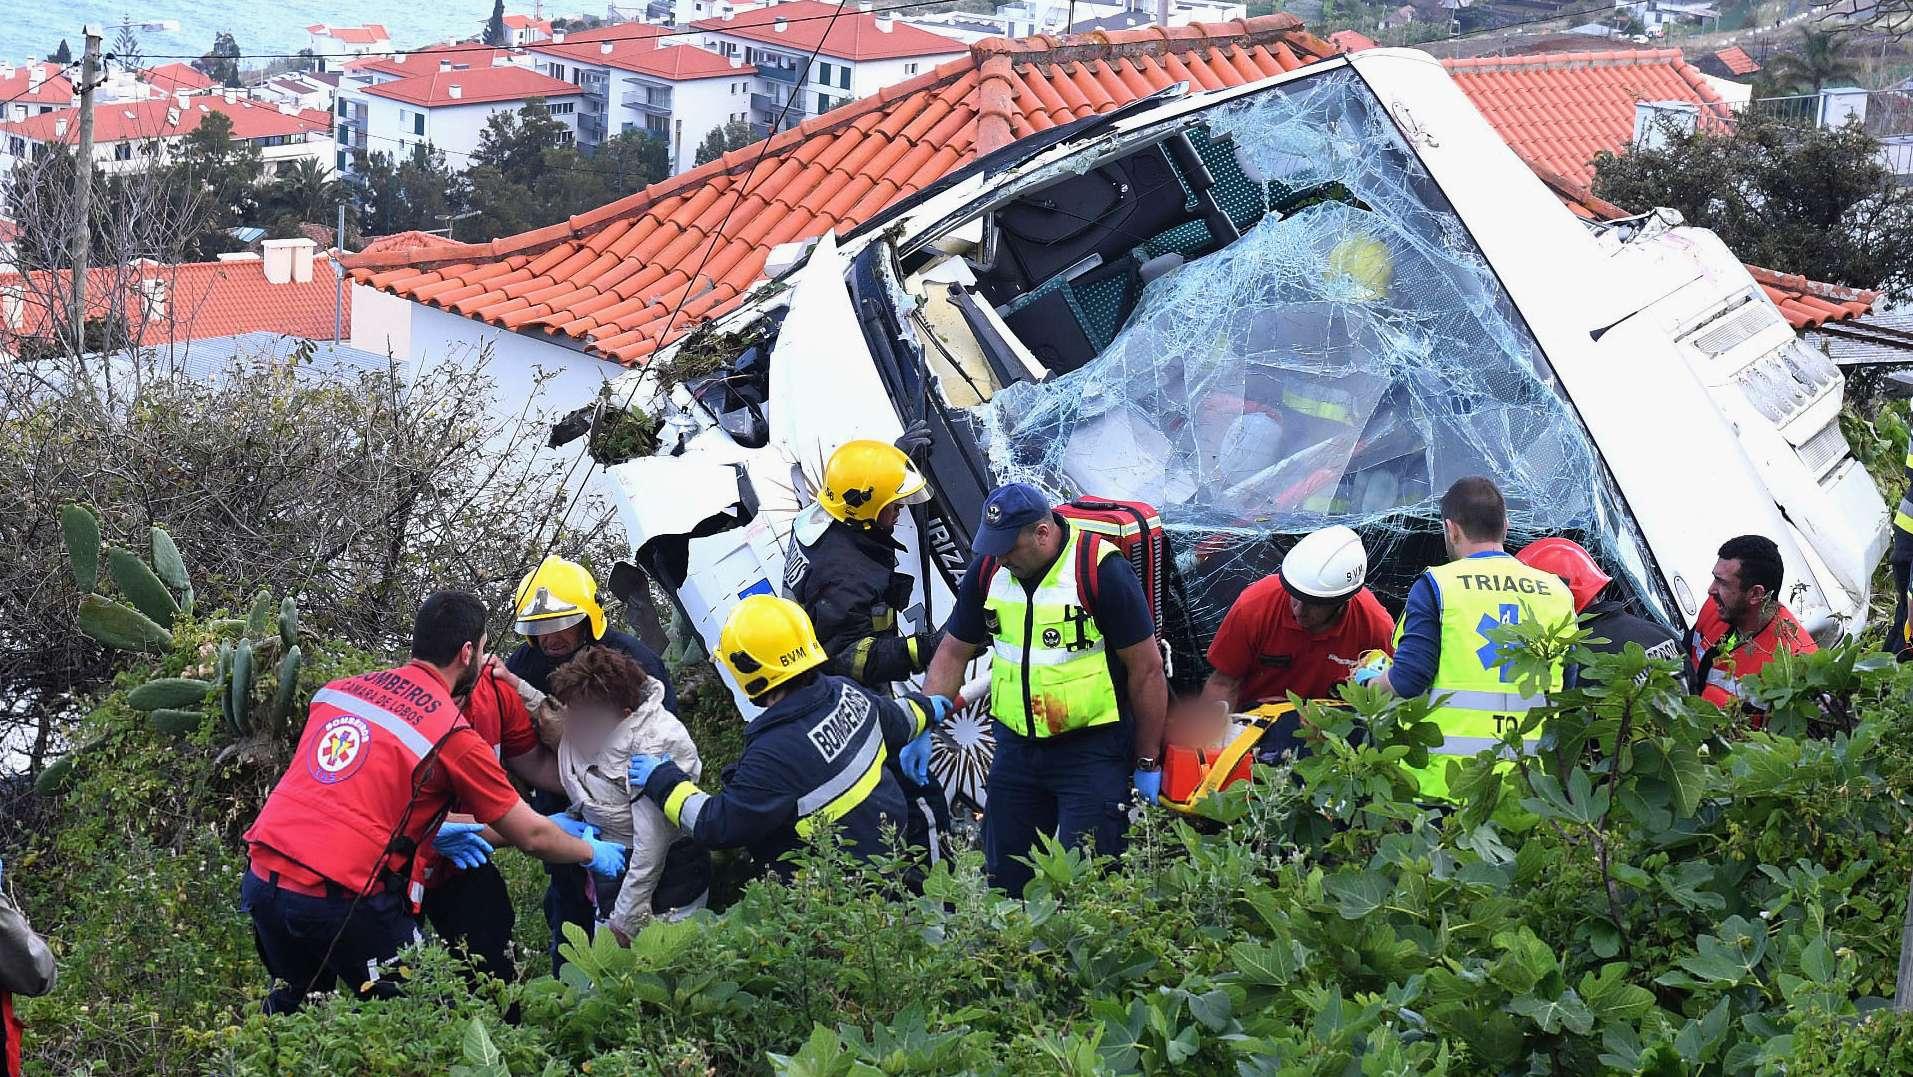 Menschen werden aus einem zerstörten Bus gerettet